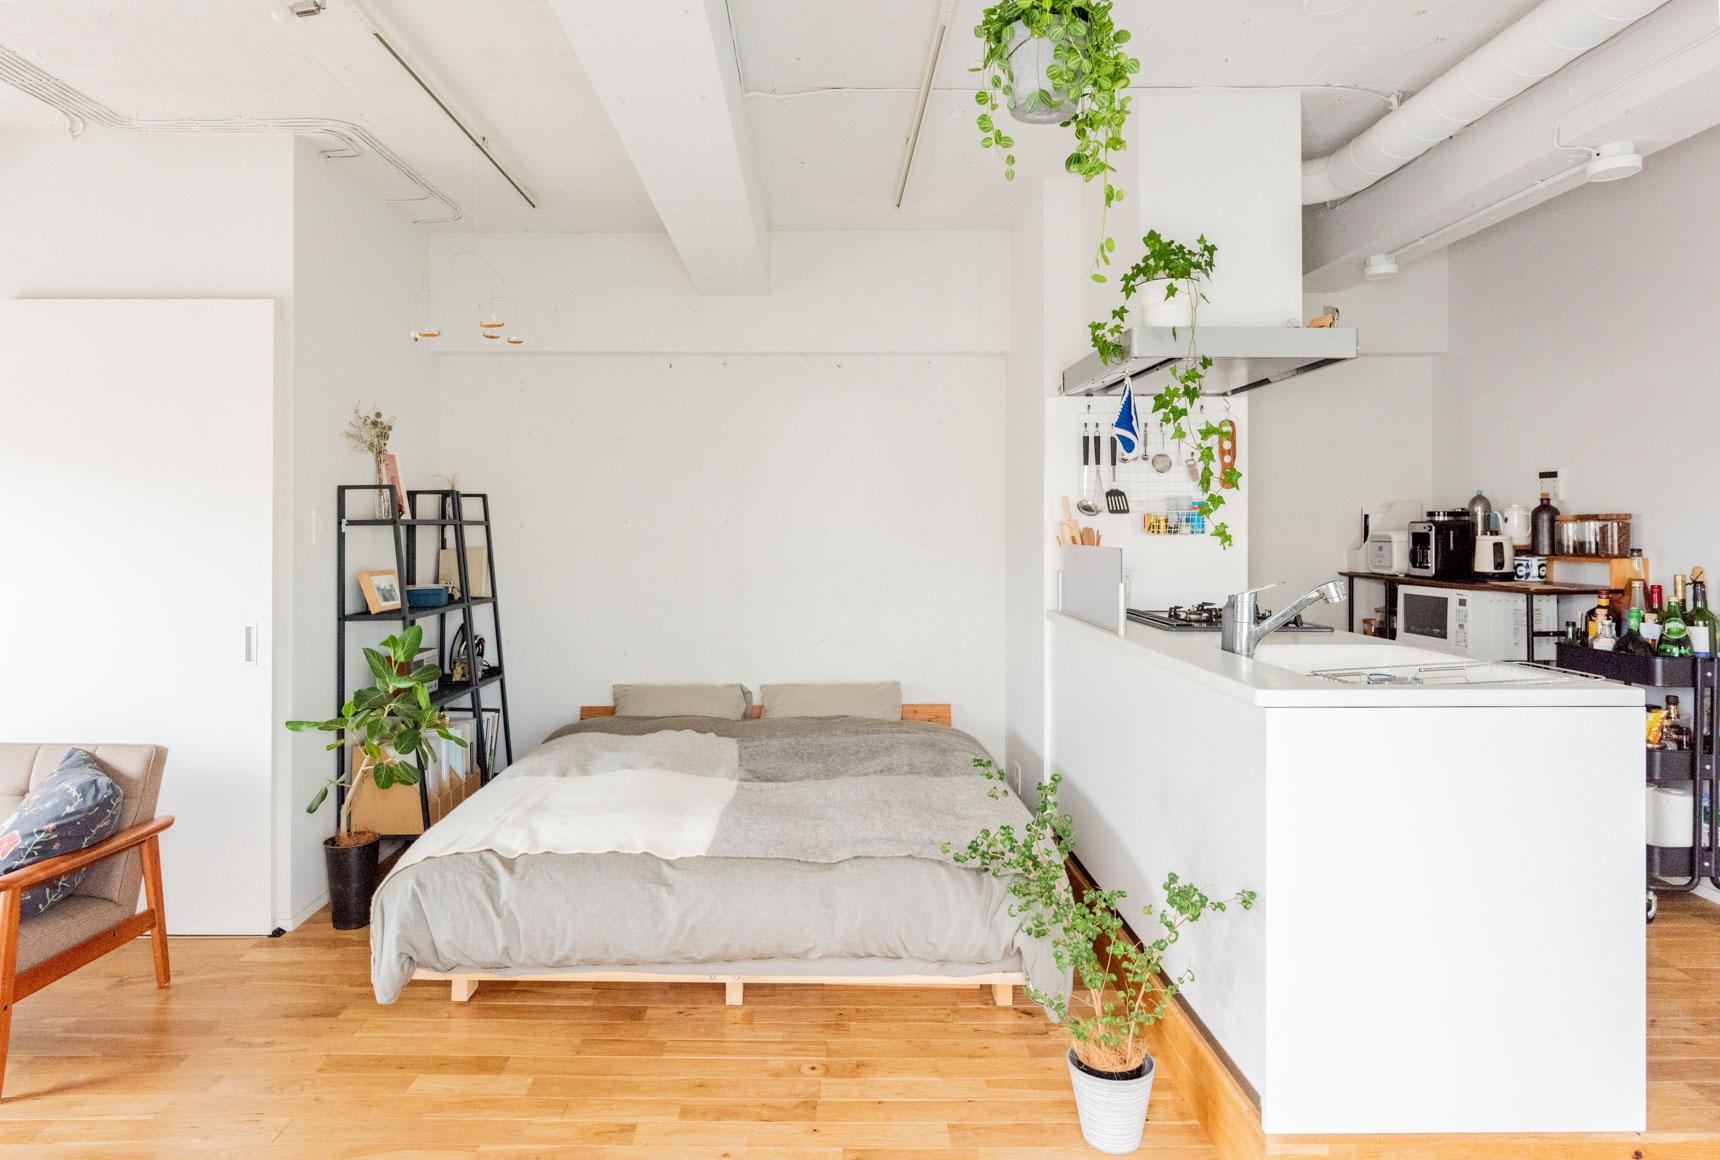 多くの方々のお部屋で愛用されている、IKEAのシェルフユニット「レールベリ」もおすすめです。こちらの記事もチェック